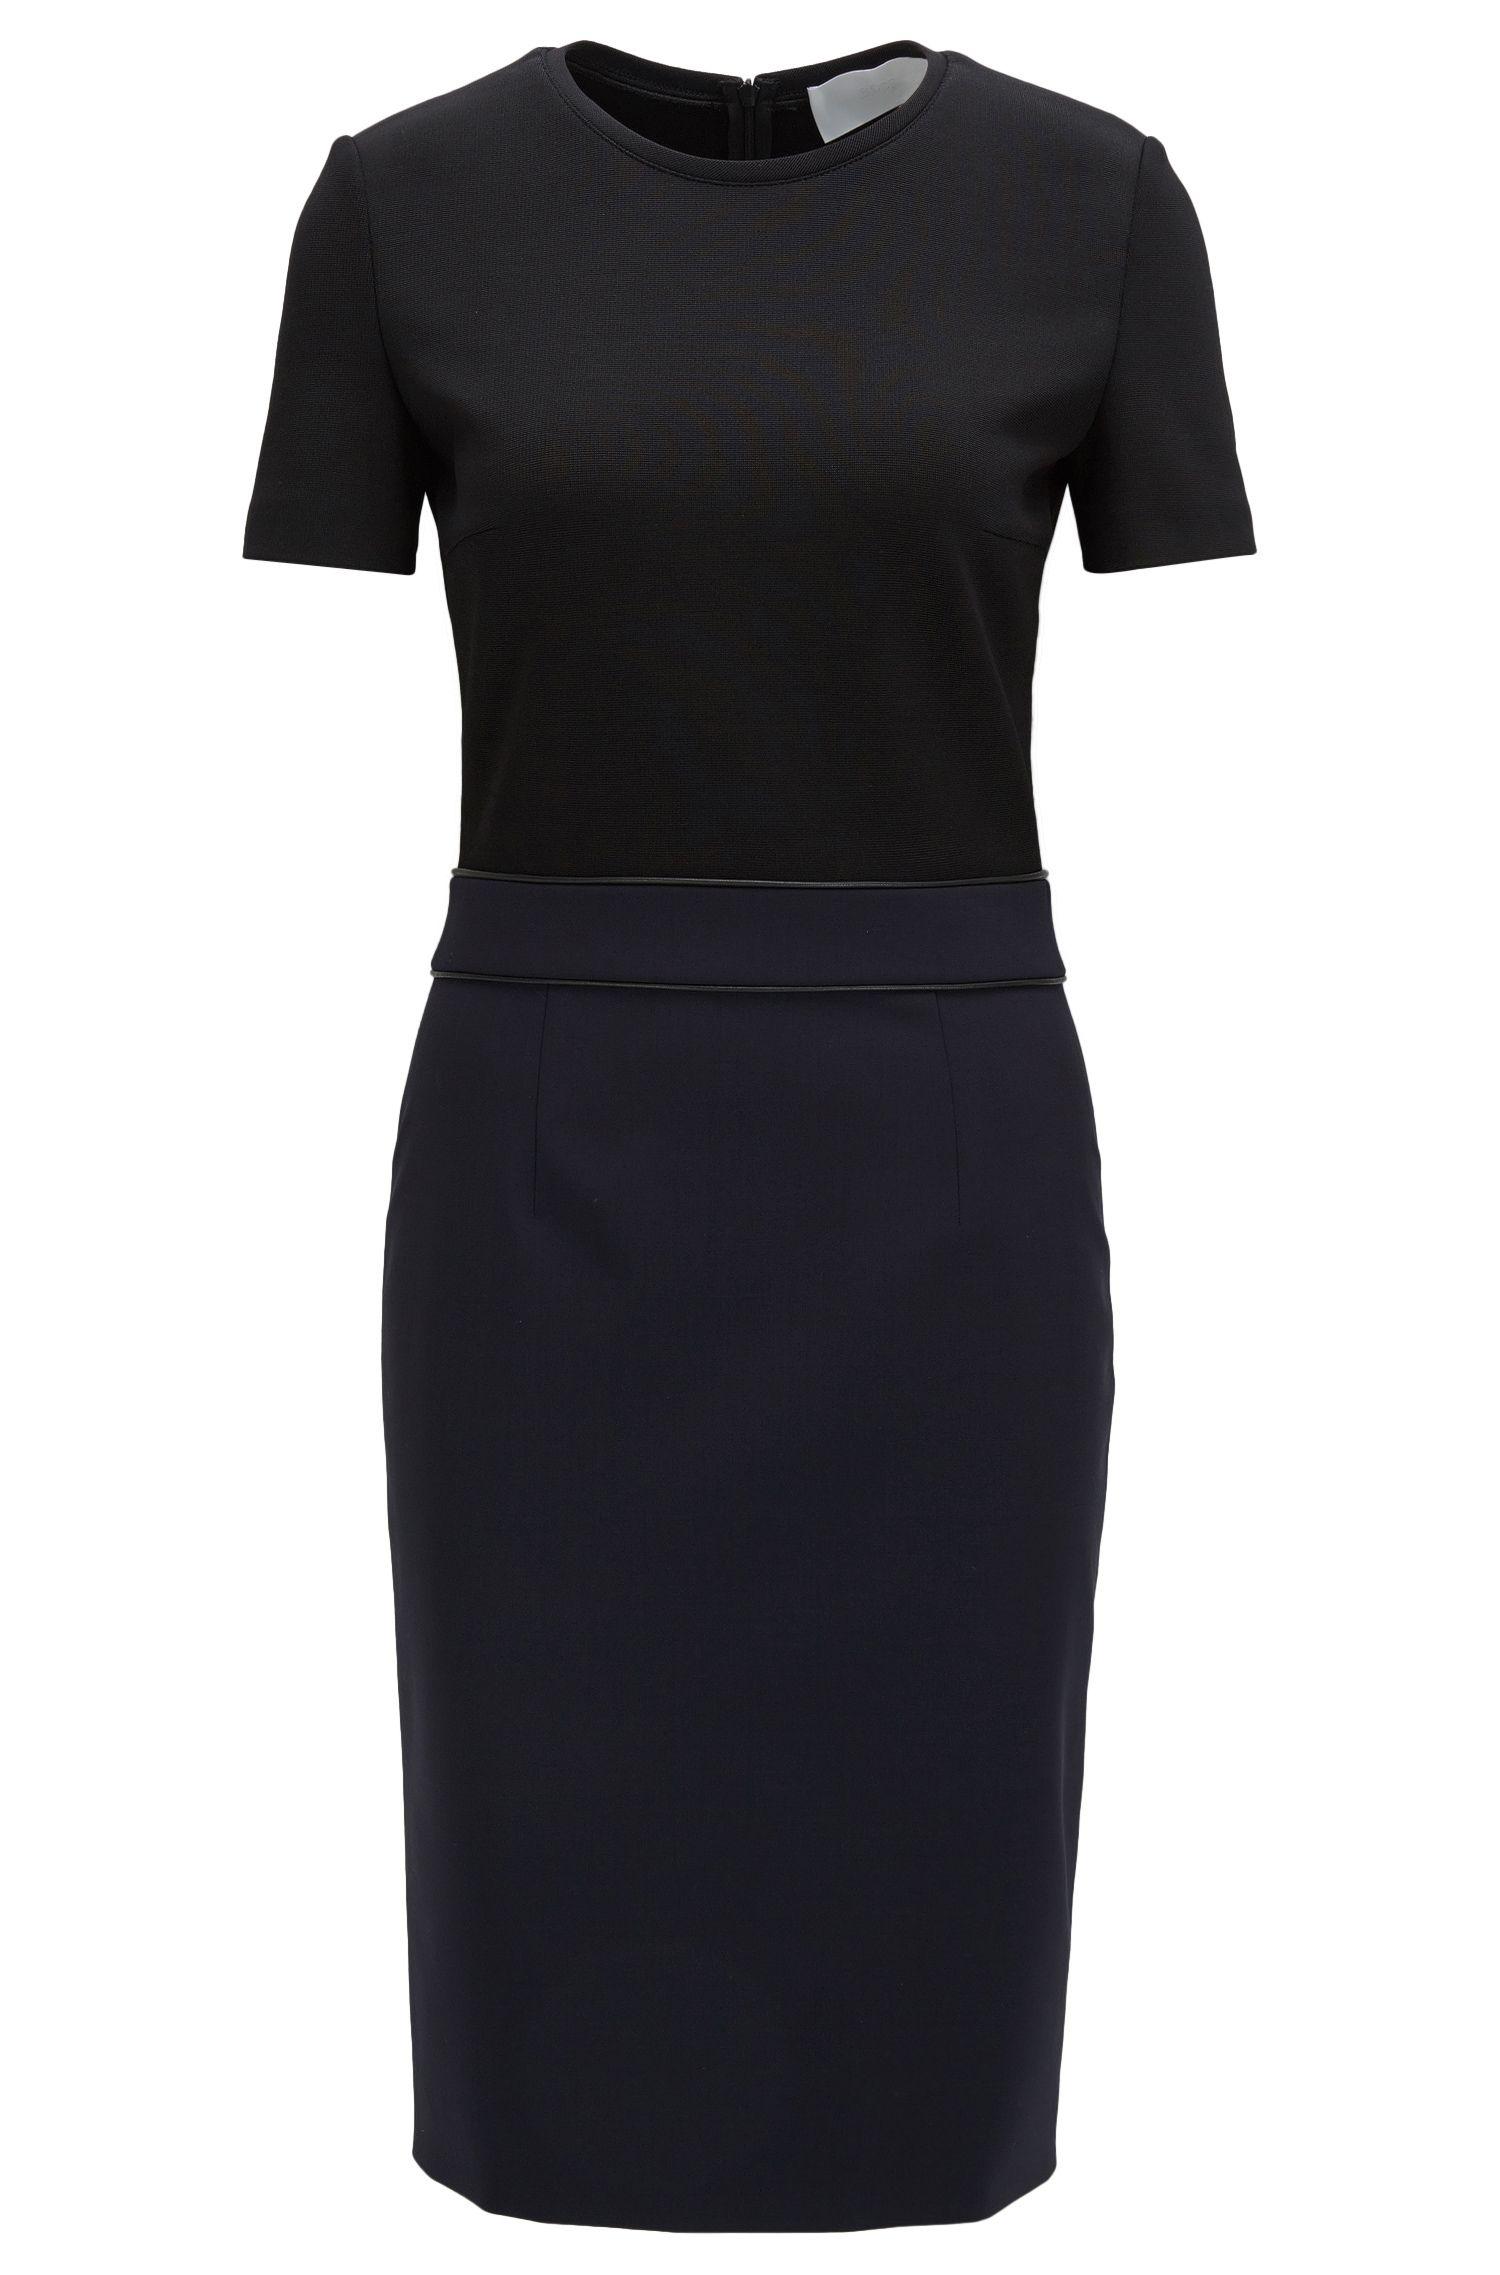 'Dualisa' | Stretch Virgin Wool Sheath Dress